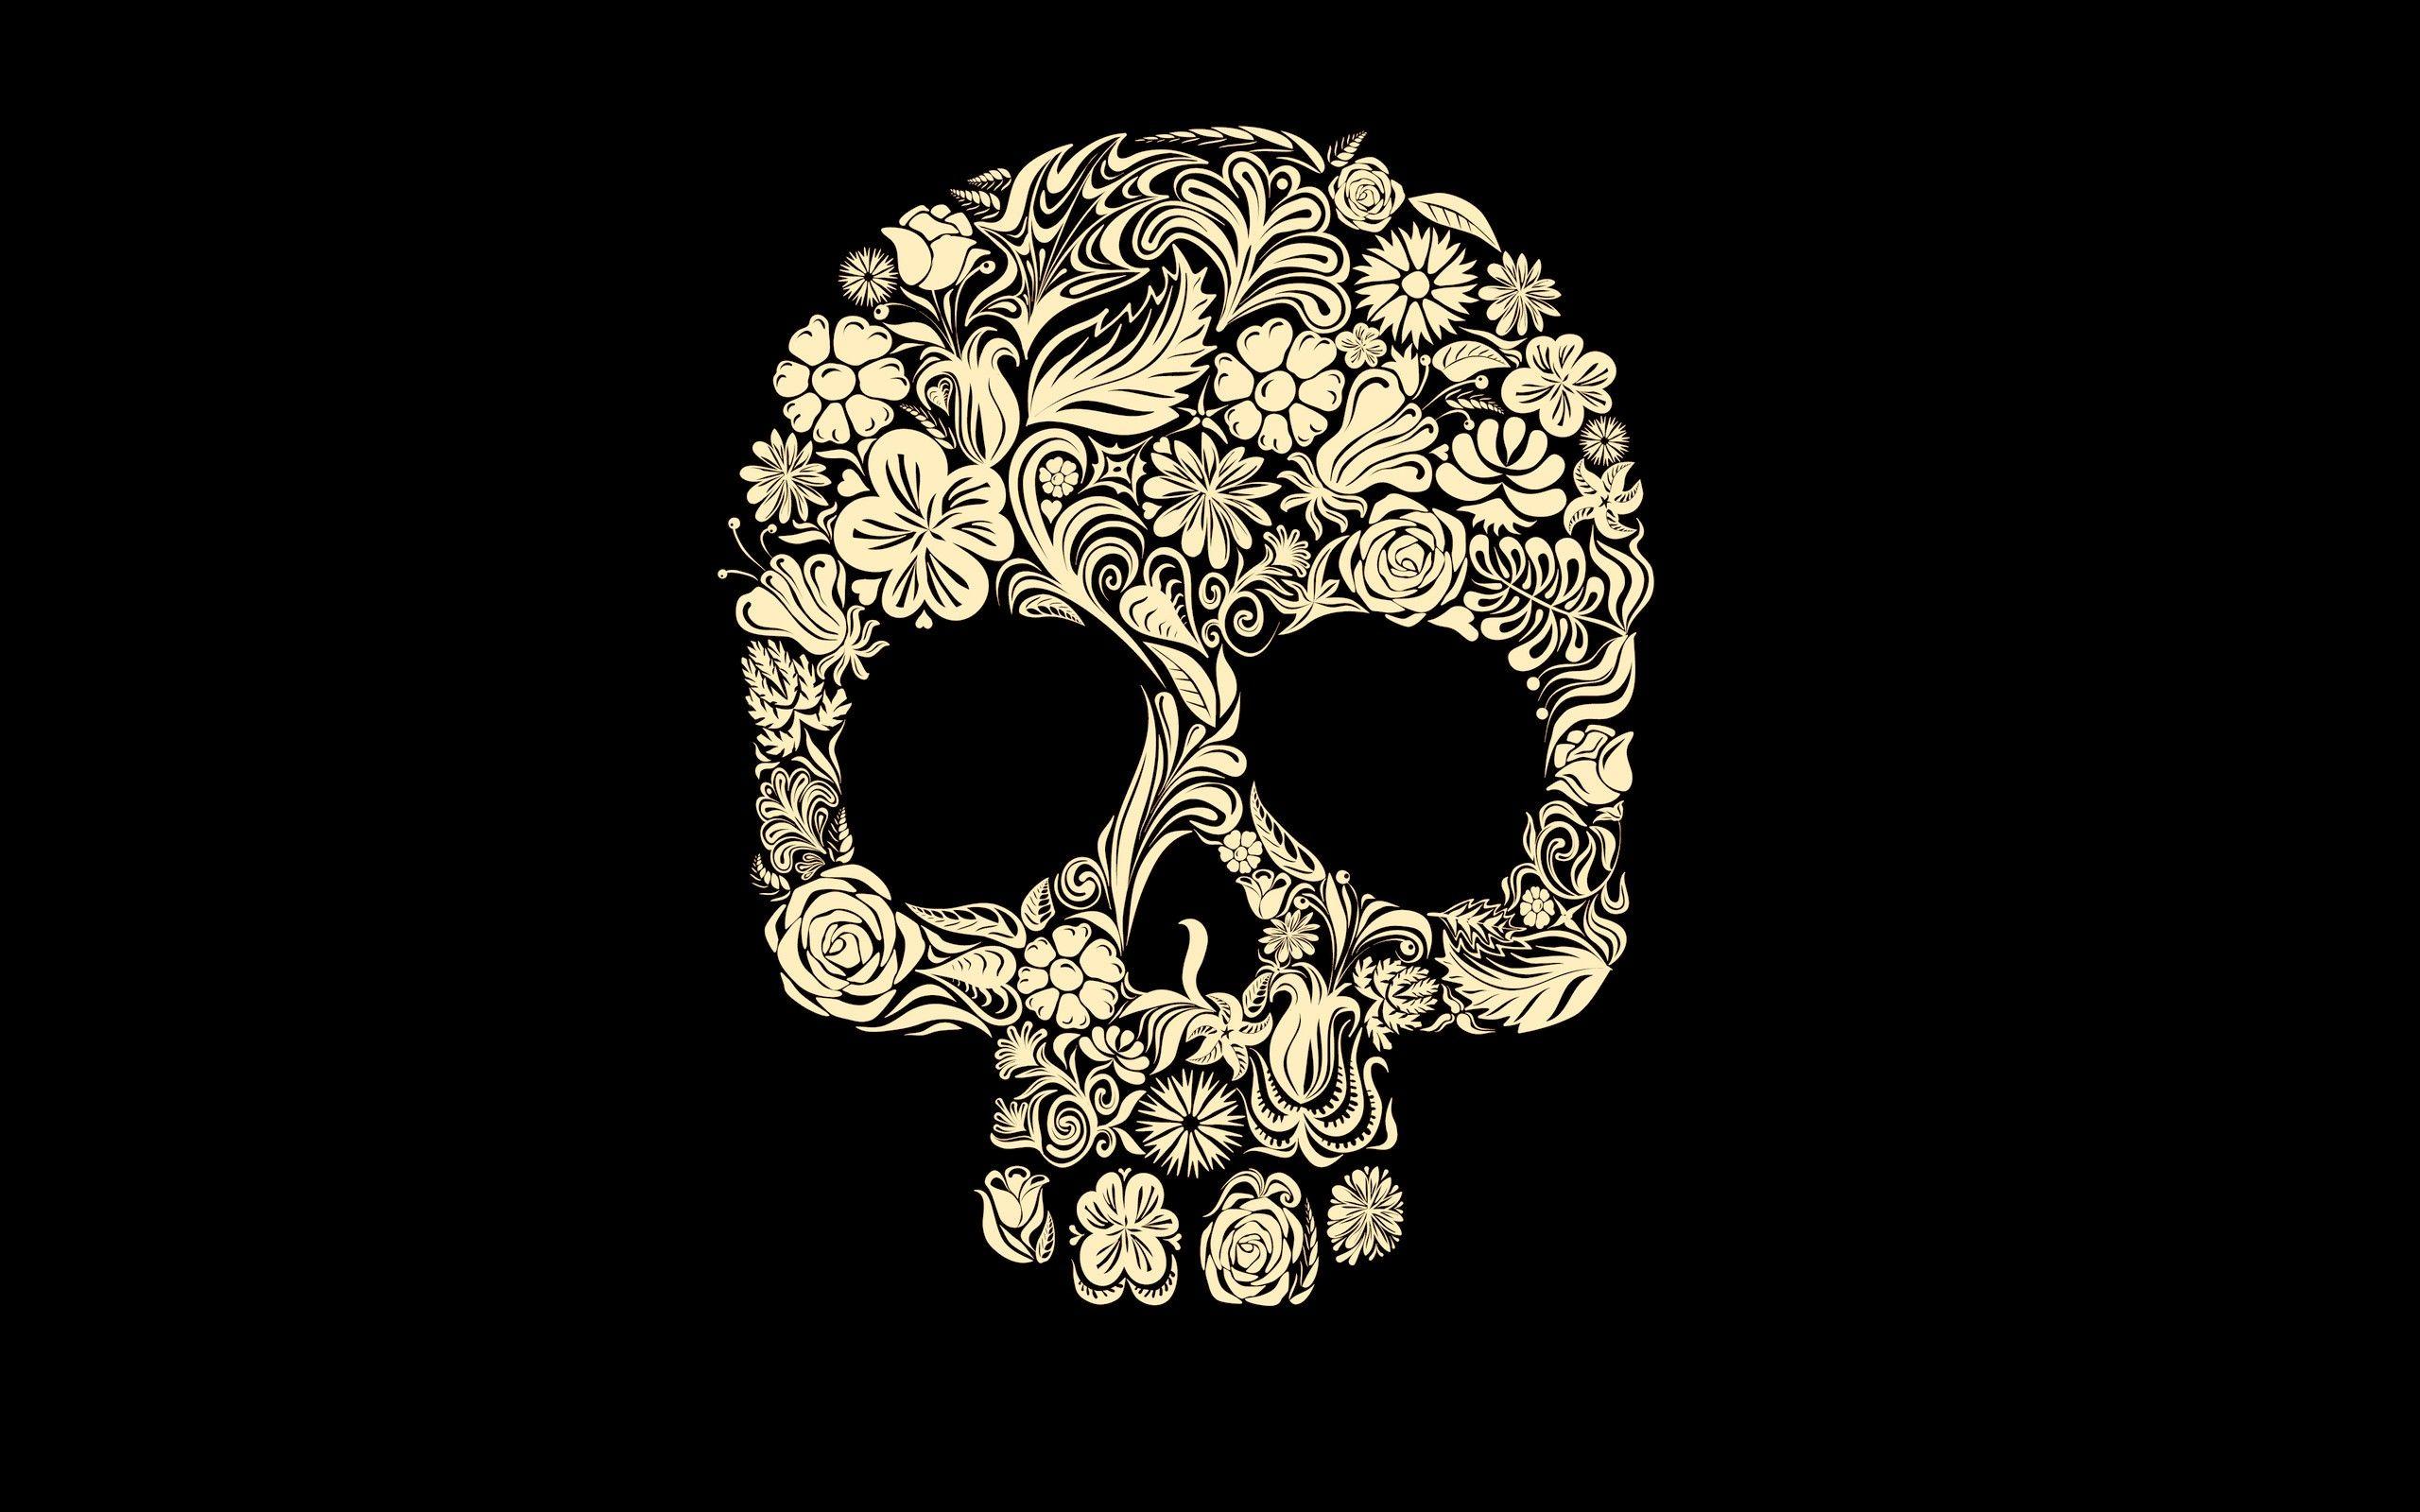 599 Skull Wallpapers Skull Backgrounds Sugar Skull Tattoos Skull Wallpaper Skull